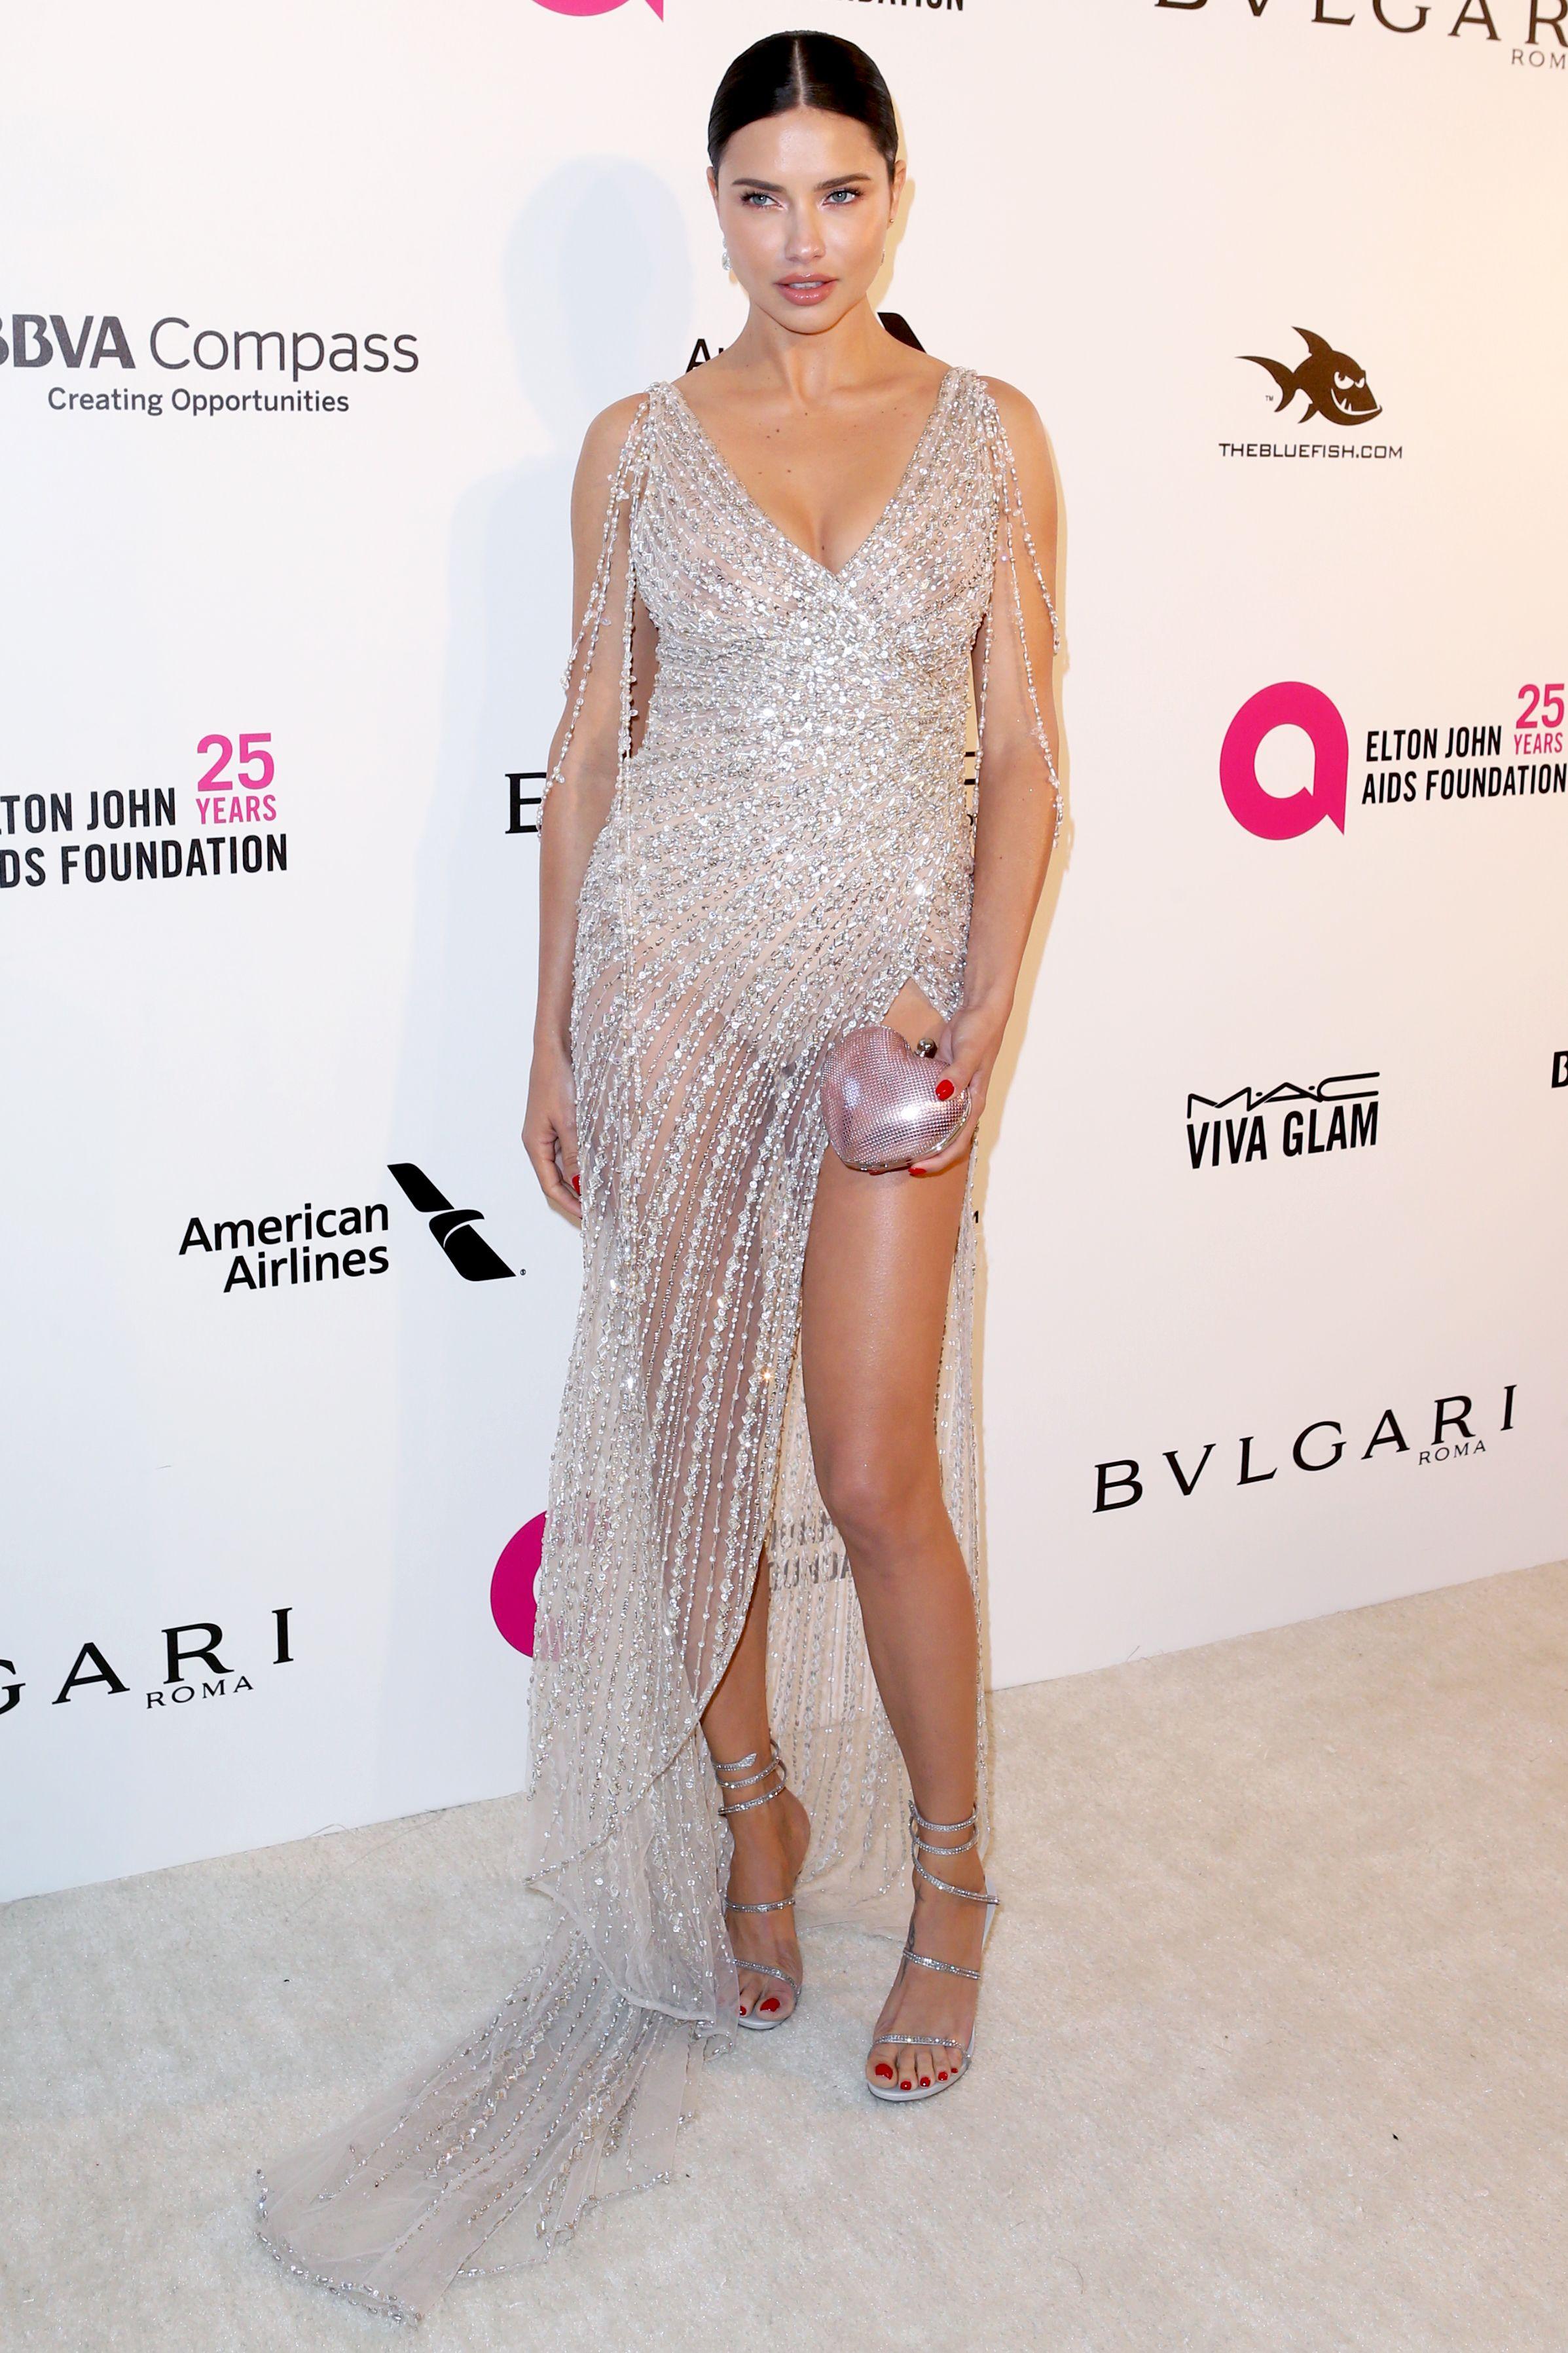 26th Annual Elton John AIDS Foundation Academy Awards (23).jpg